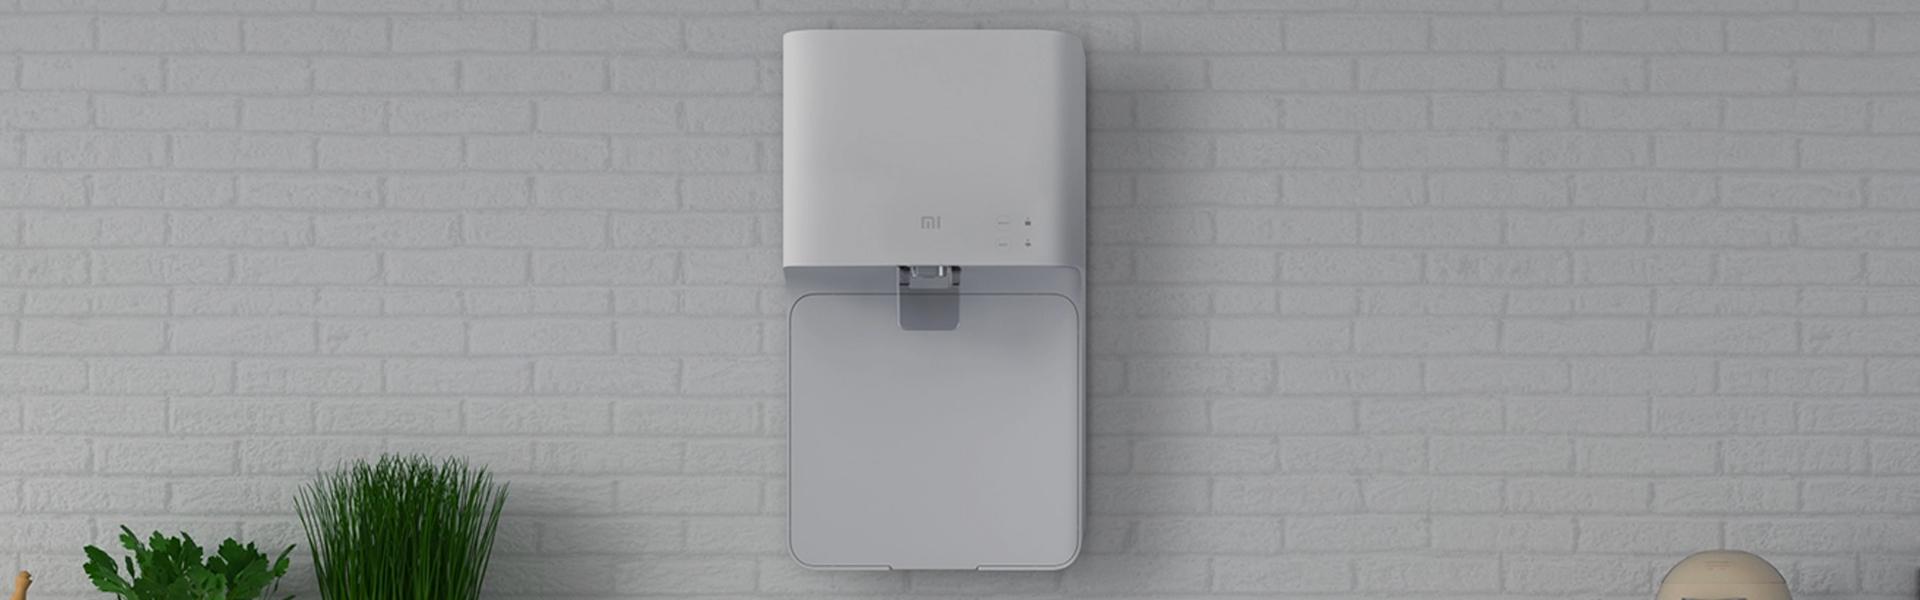 Mi Smart Water Purifier